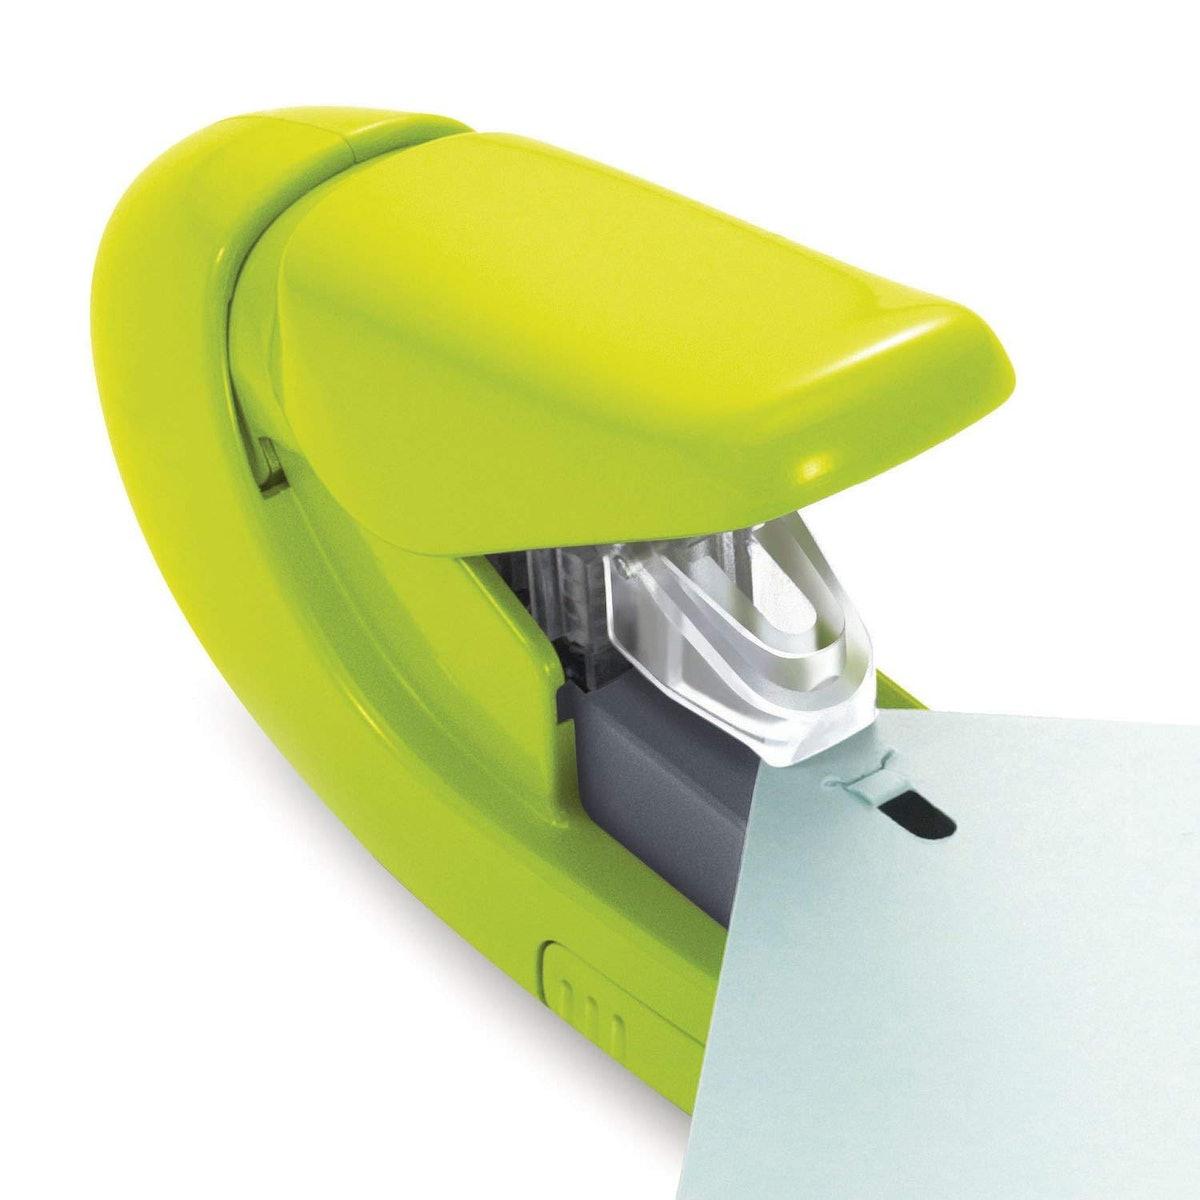 Paper Clinch Staple Free Stapler